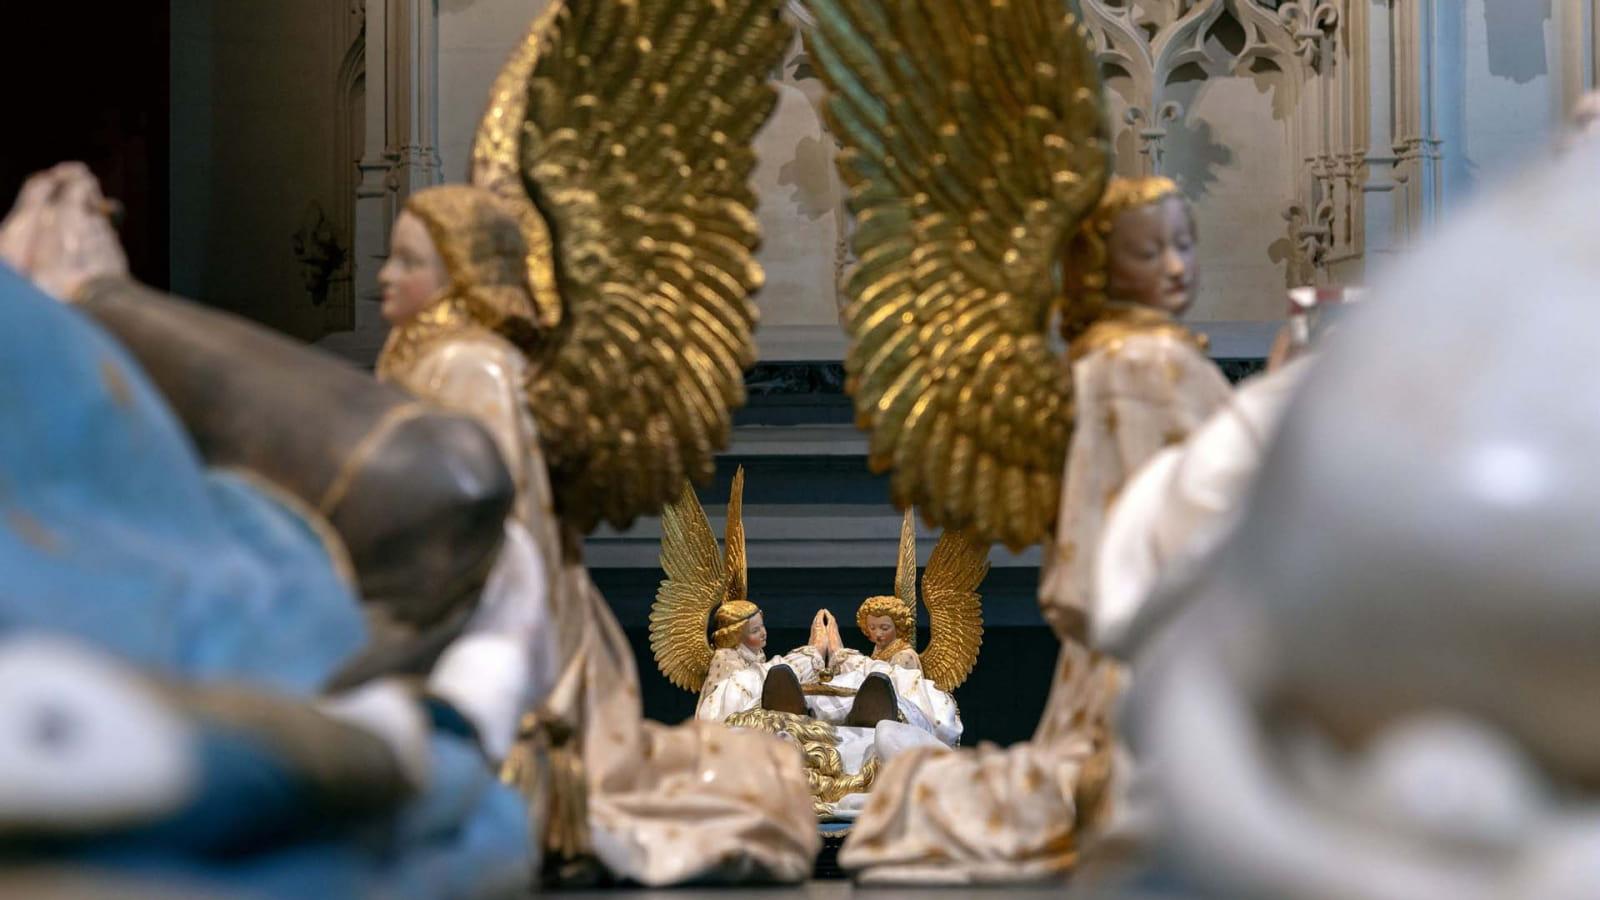 Tombeaux des Ducs de Bourgogne au musée de Dijon